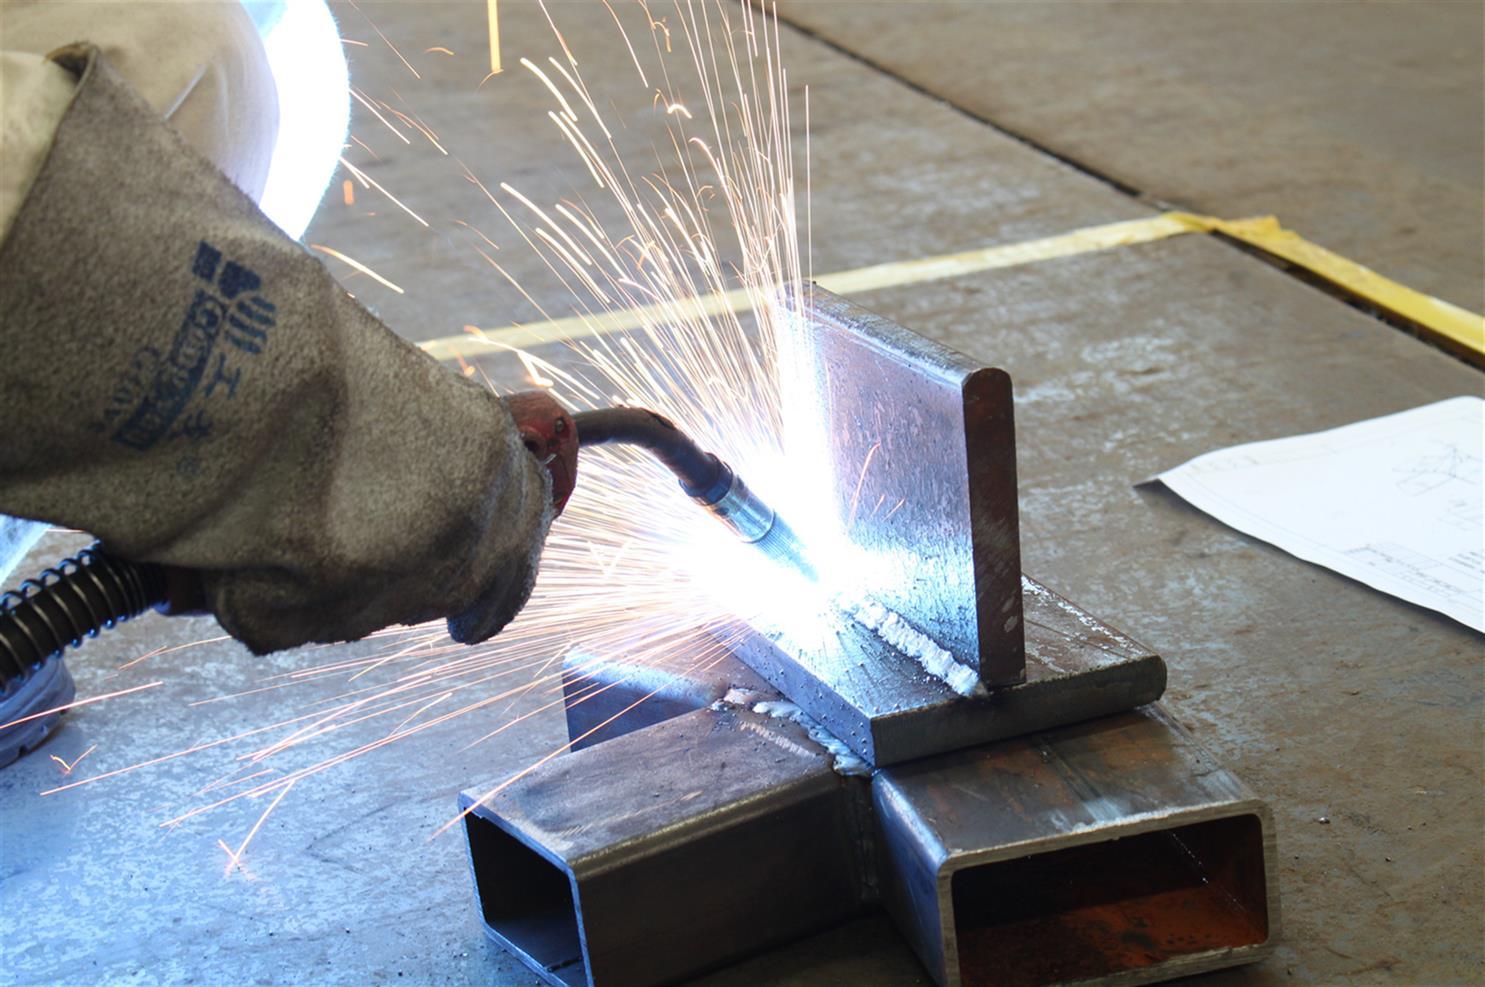 达州正规焊工资格证培训有效期几年 终身有效